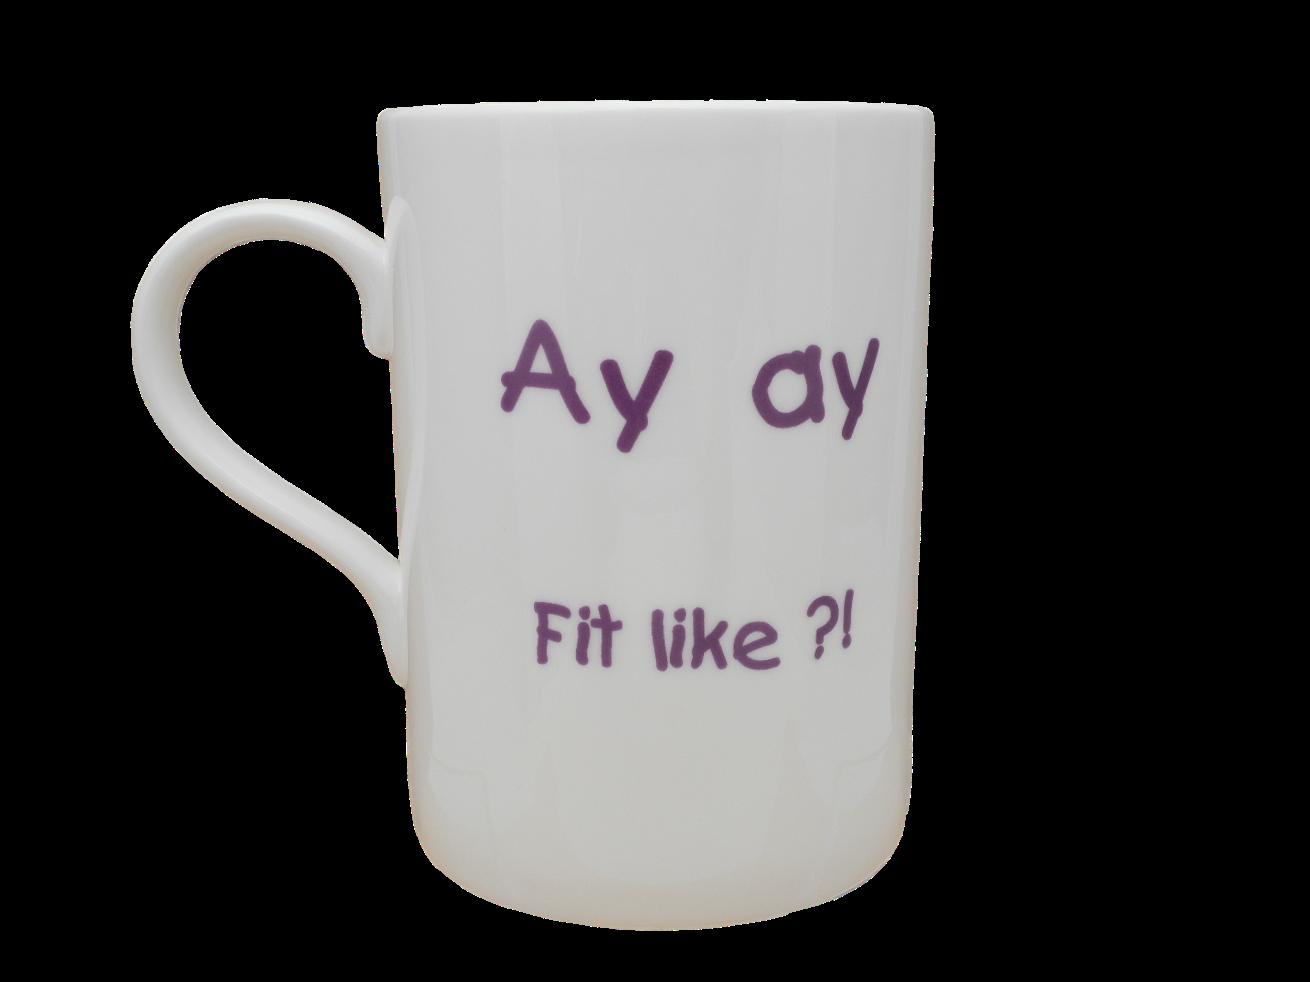 doric scots language mug scottish phrases sayings